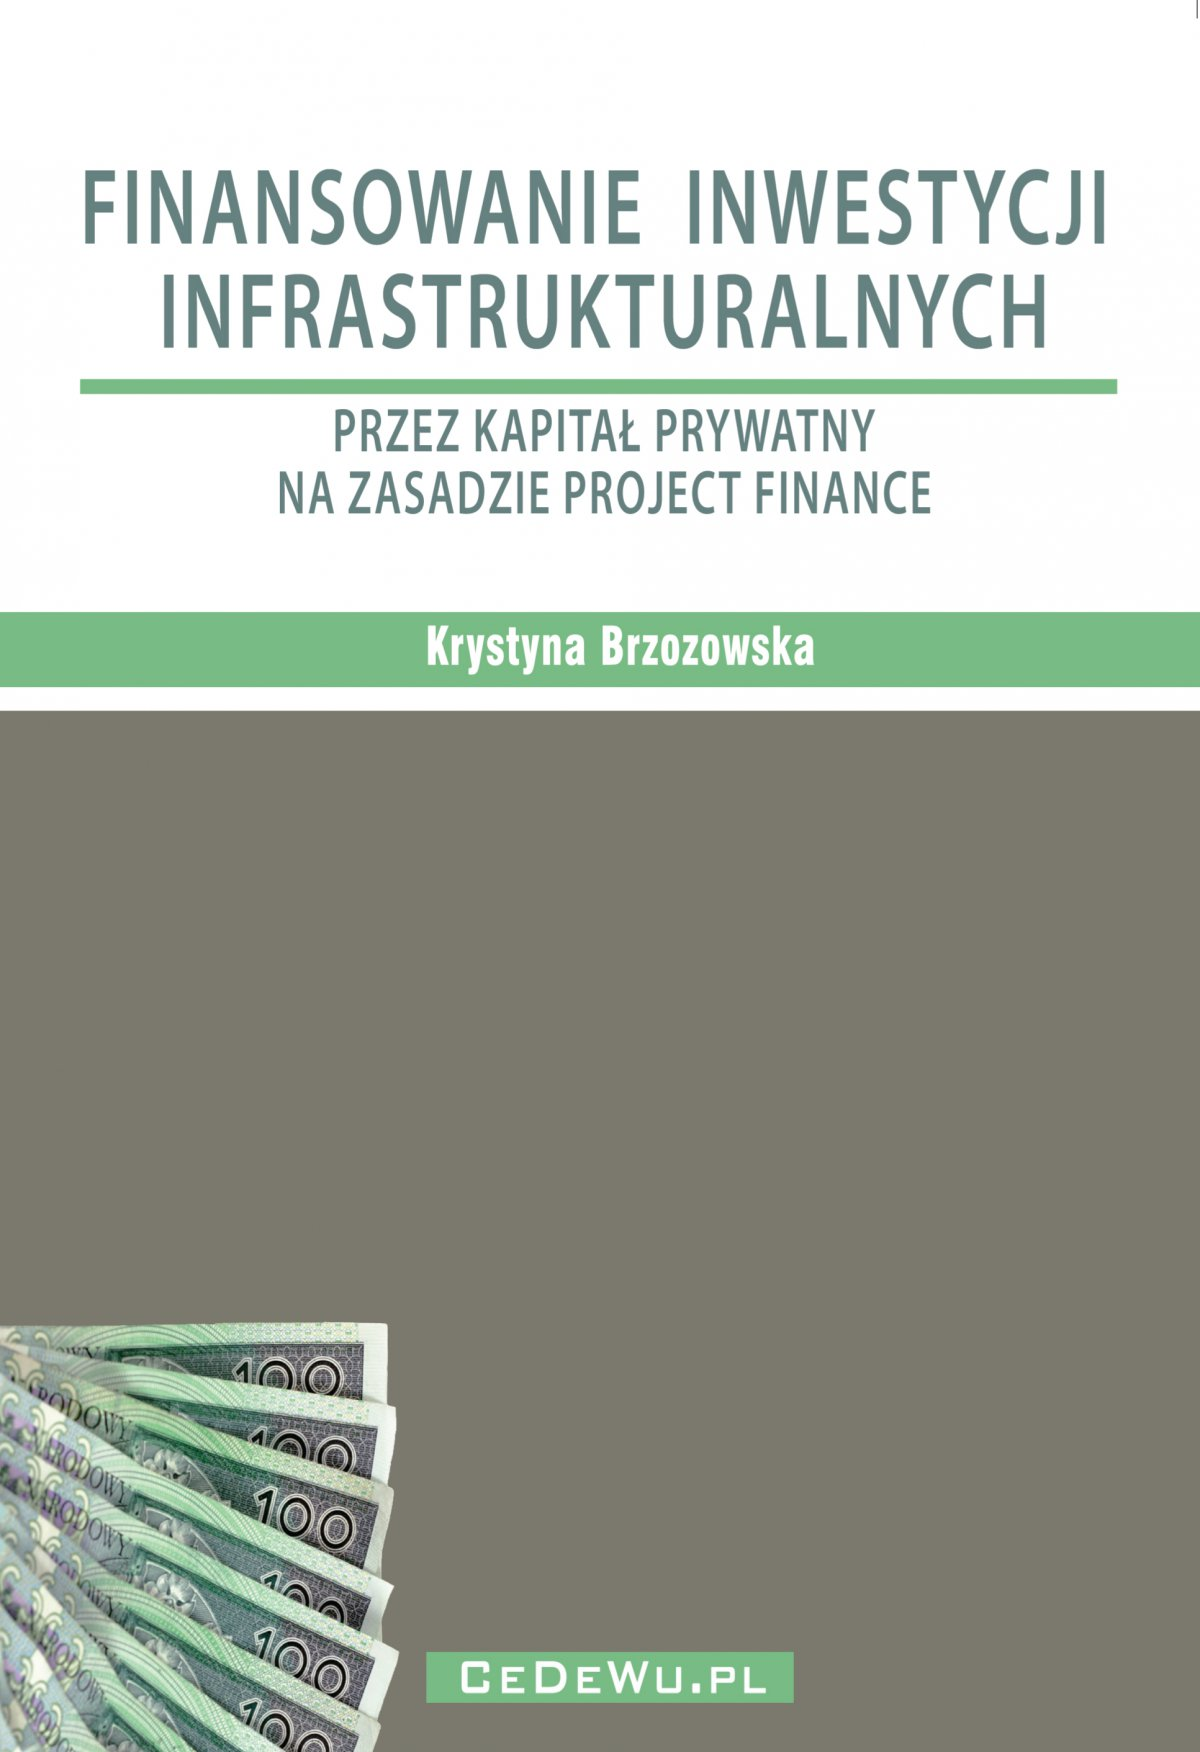 Finansowanie inwestycji infrastrukturalnych przez kapitał prywatny na zasadzie project finance (wyd. II) - Ebook (Książka PDF) do pobrania w formacie PDF